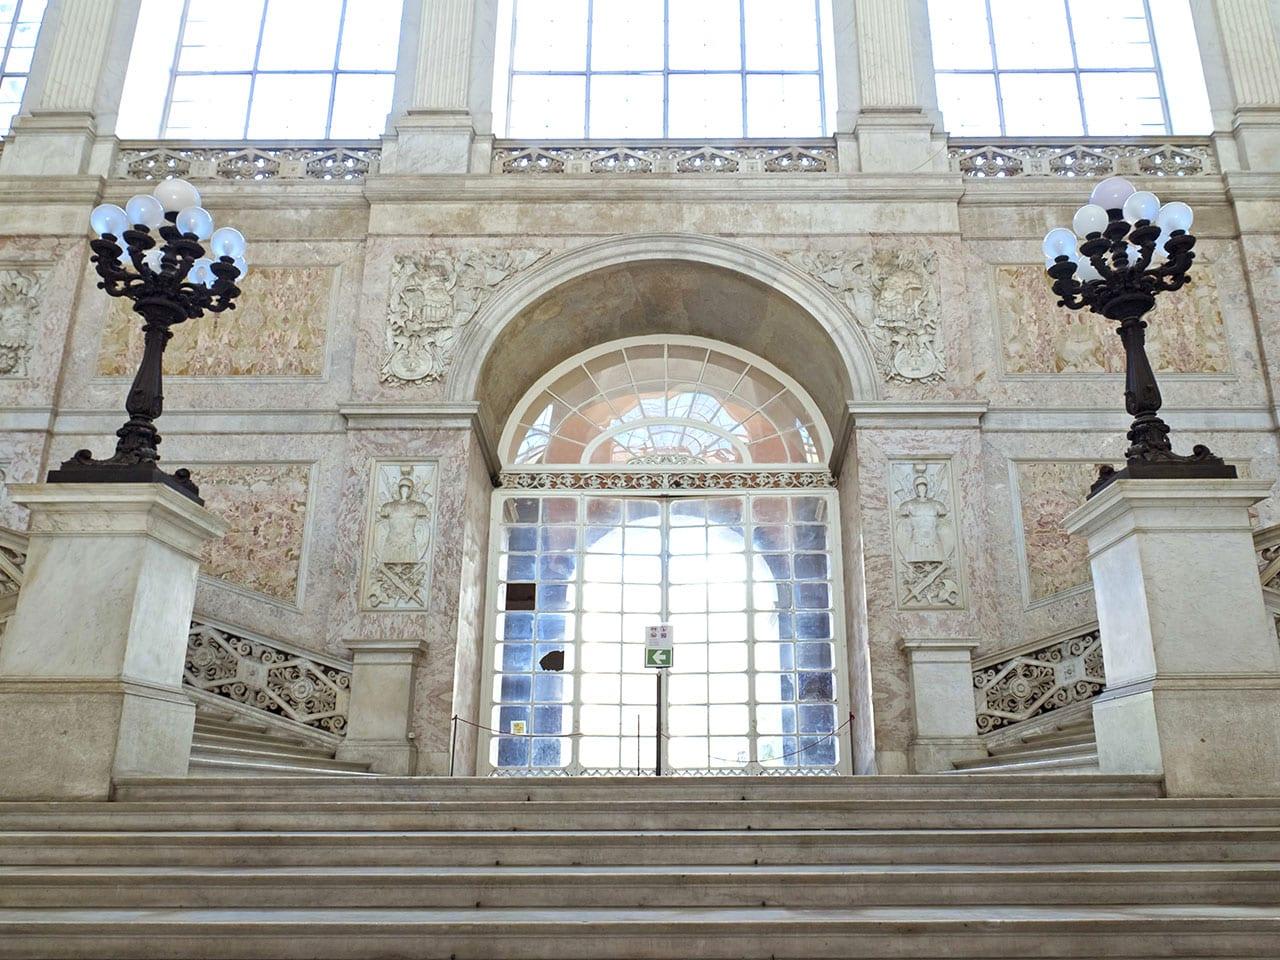 intérieur du palais royal de Naples